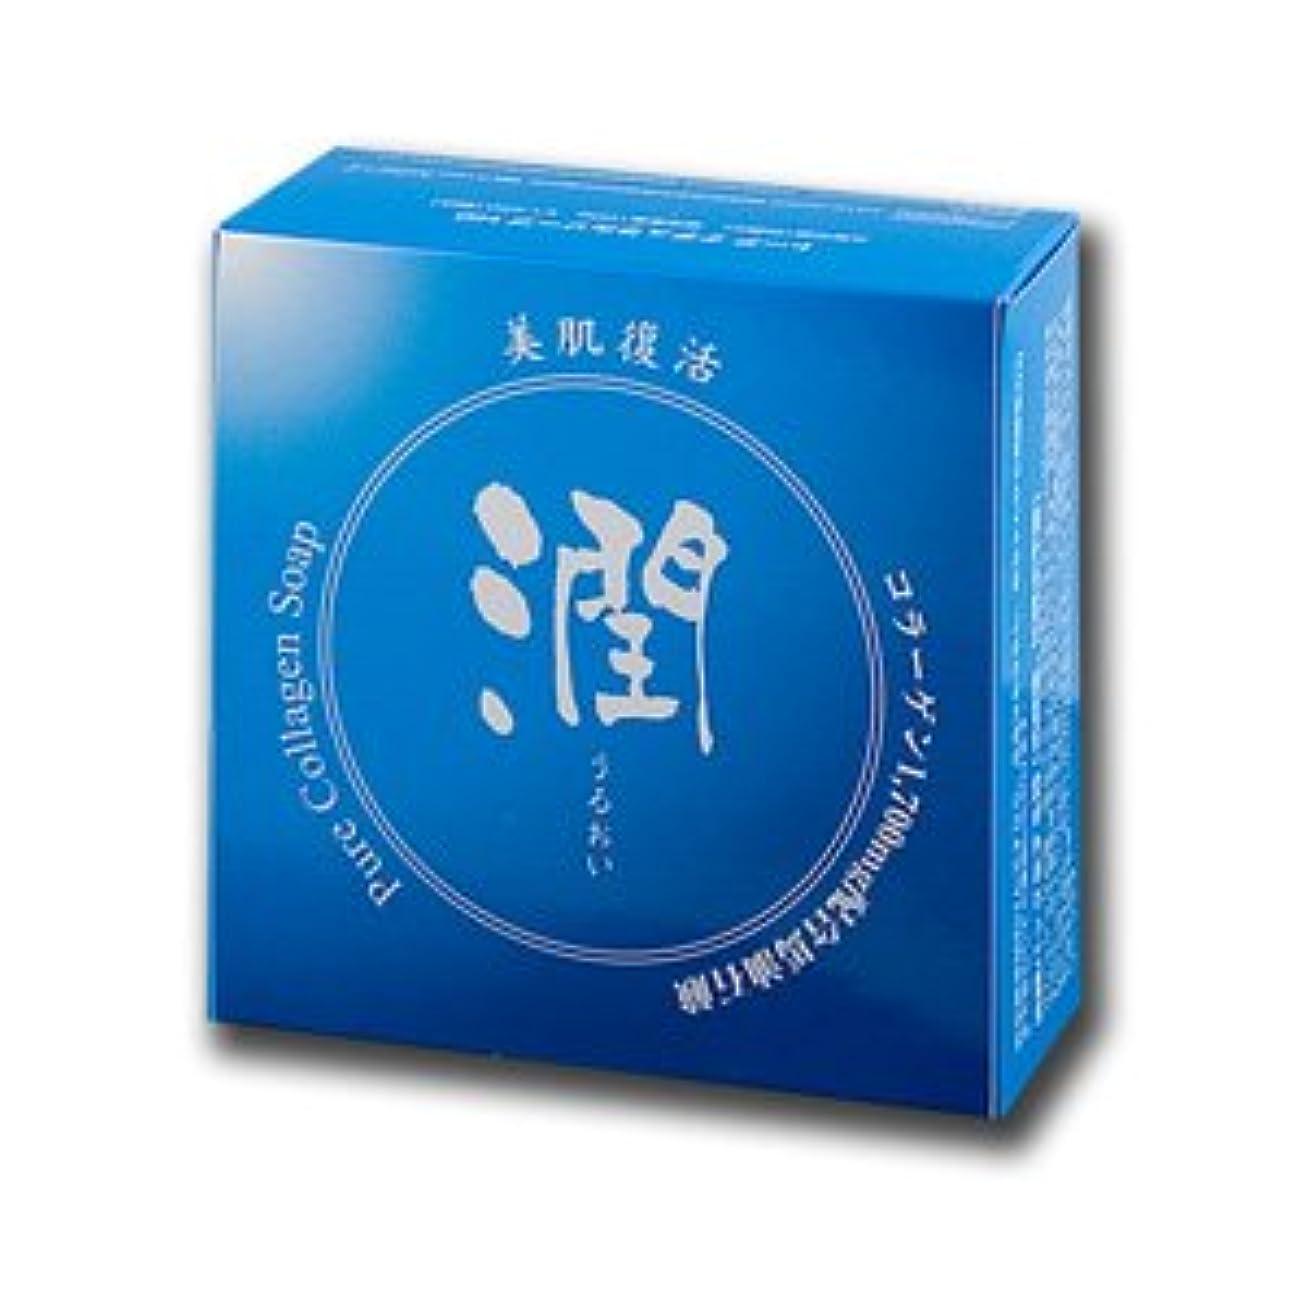 物語天使見つけるコラーゲン馬油石鹸 潤 100g (#800410) ×10個セット